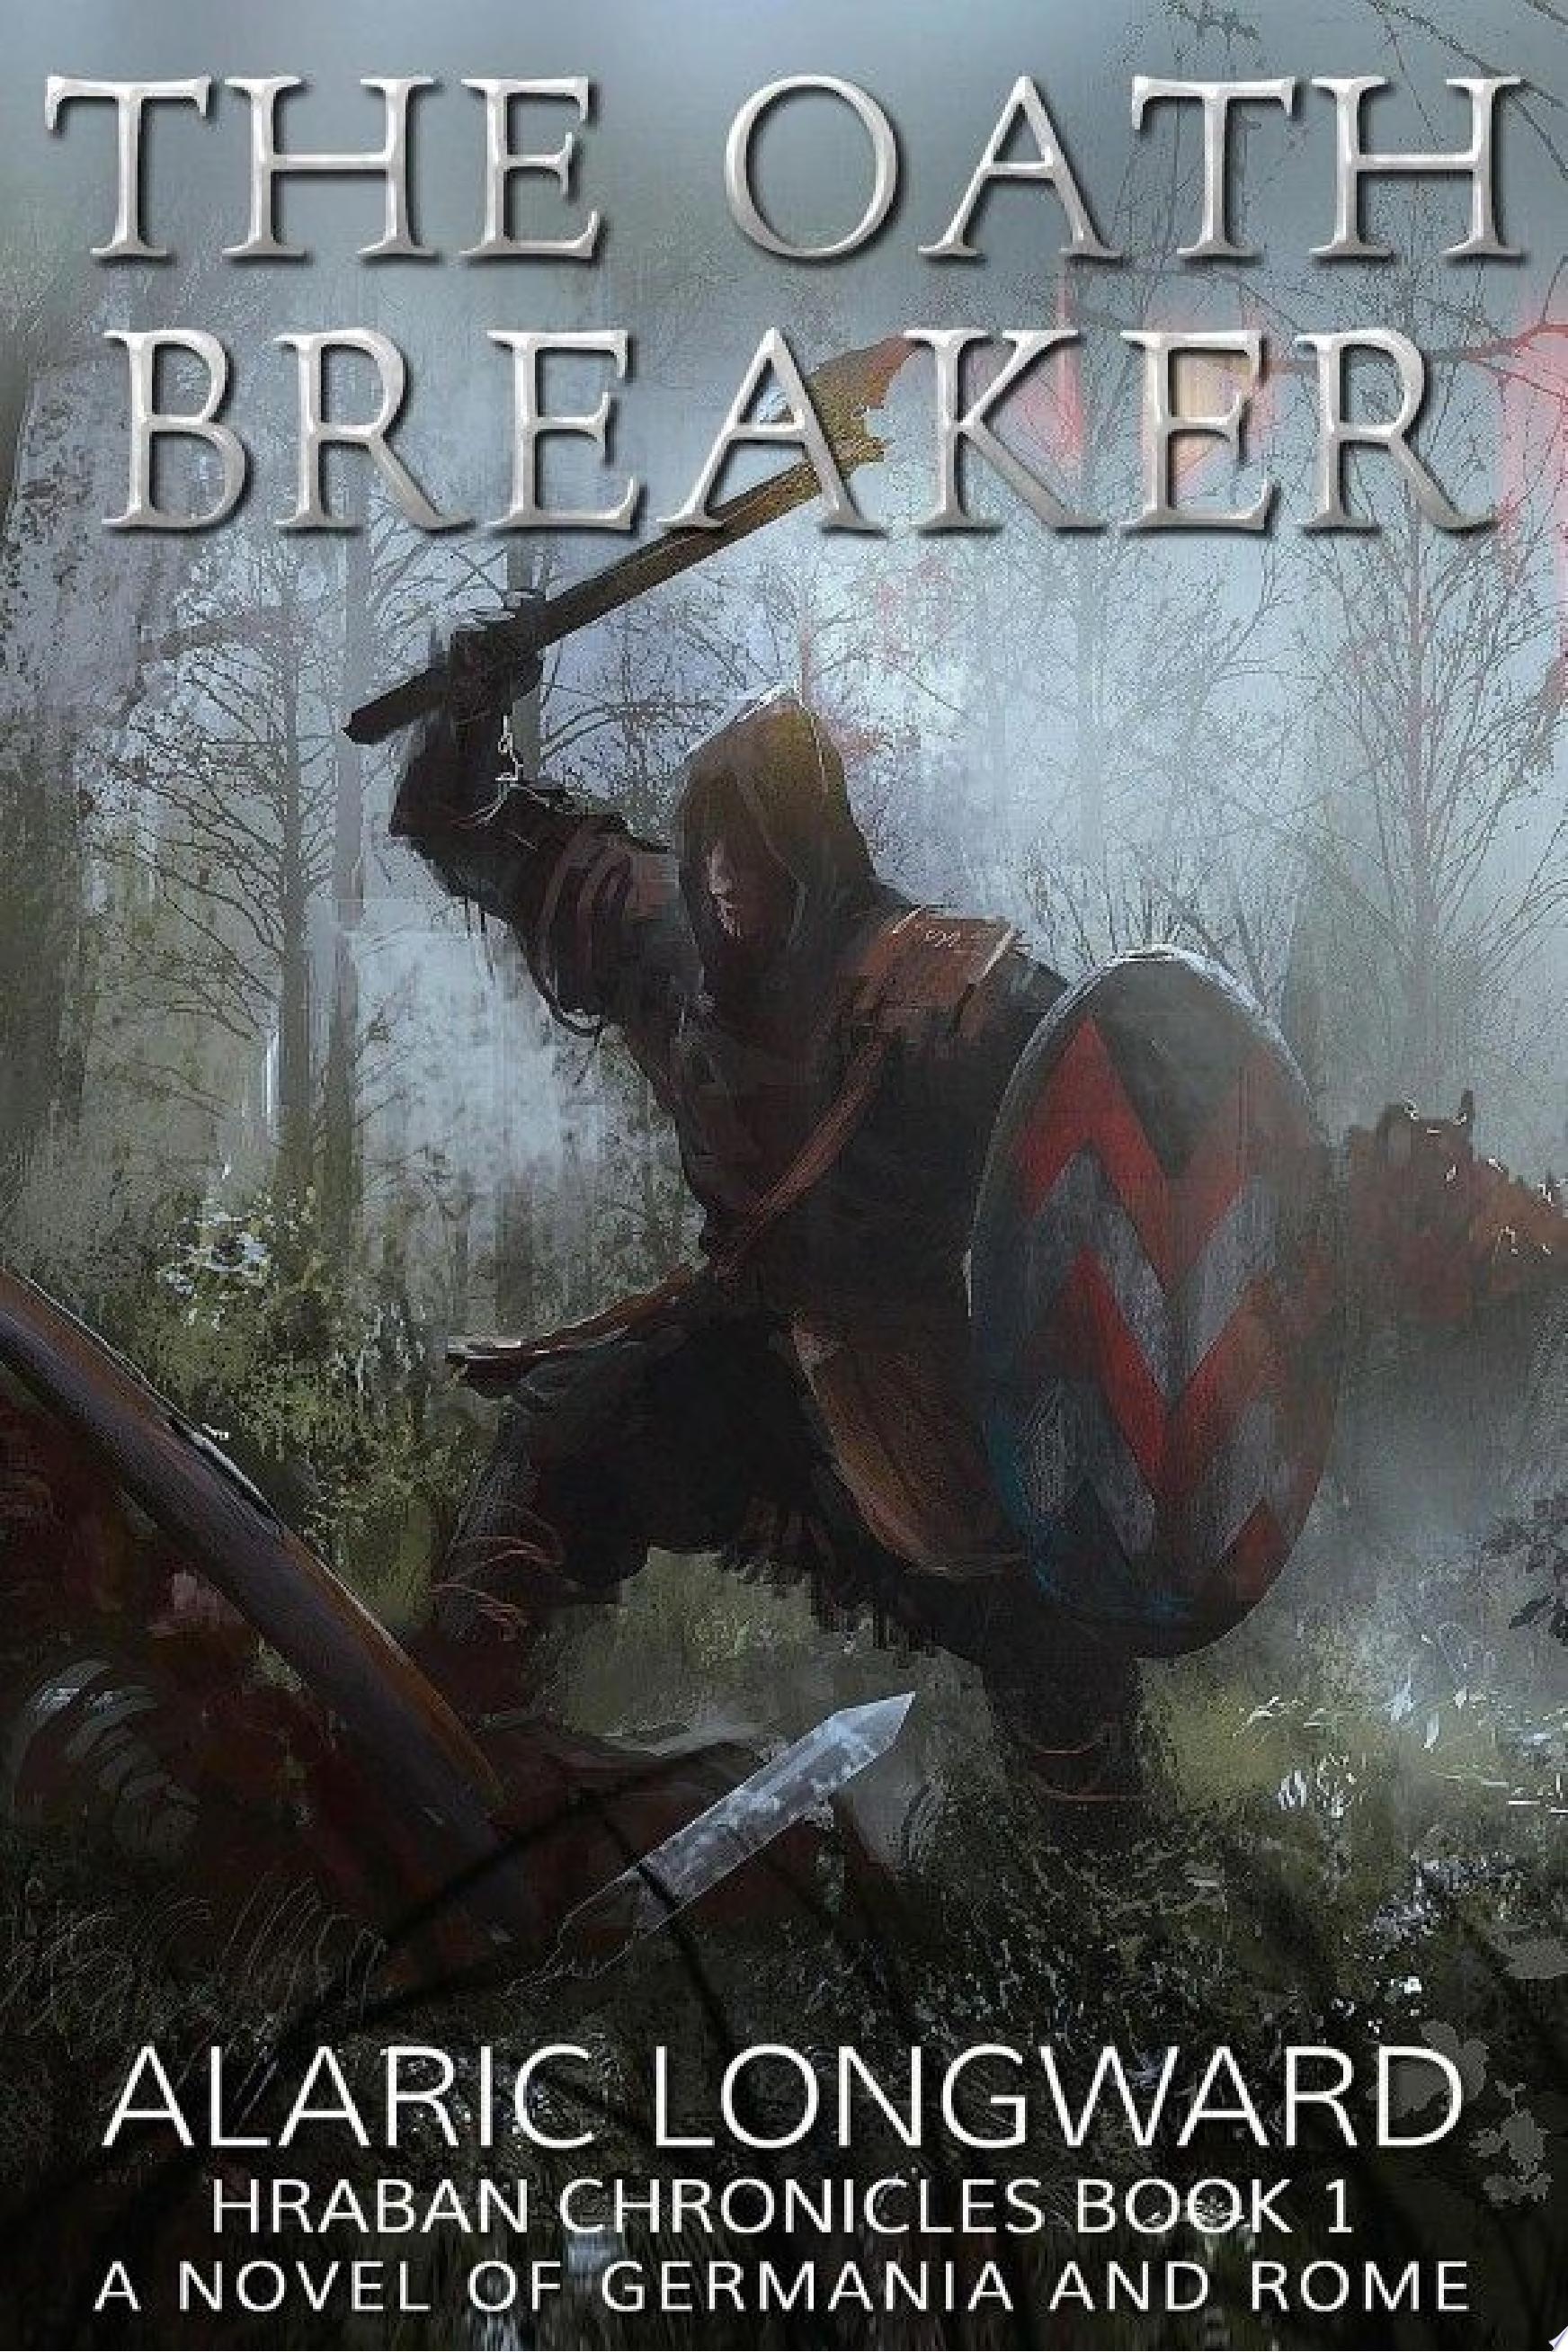 The Oath Breaker